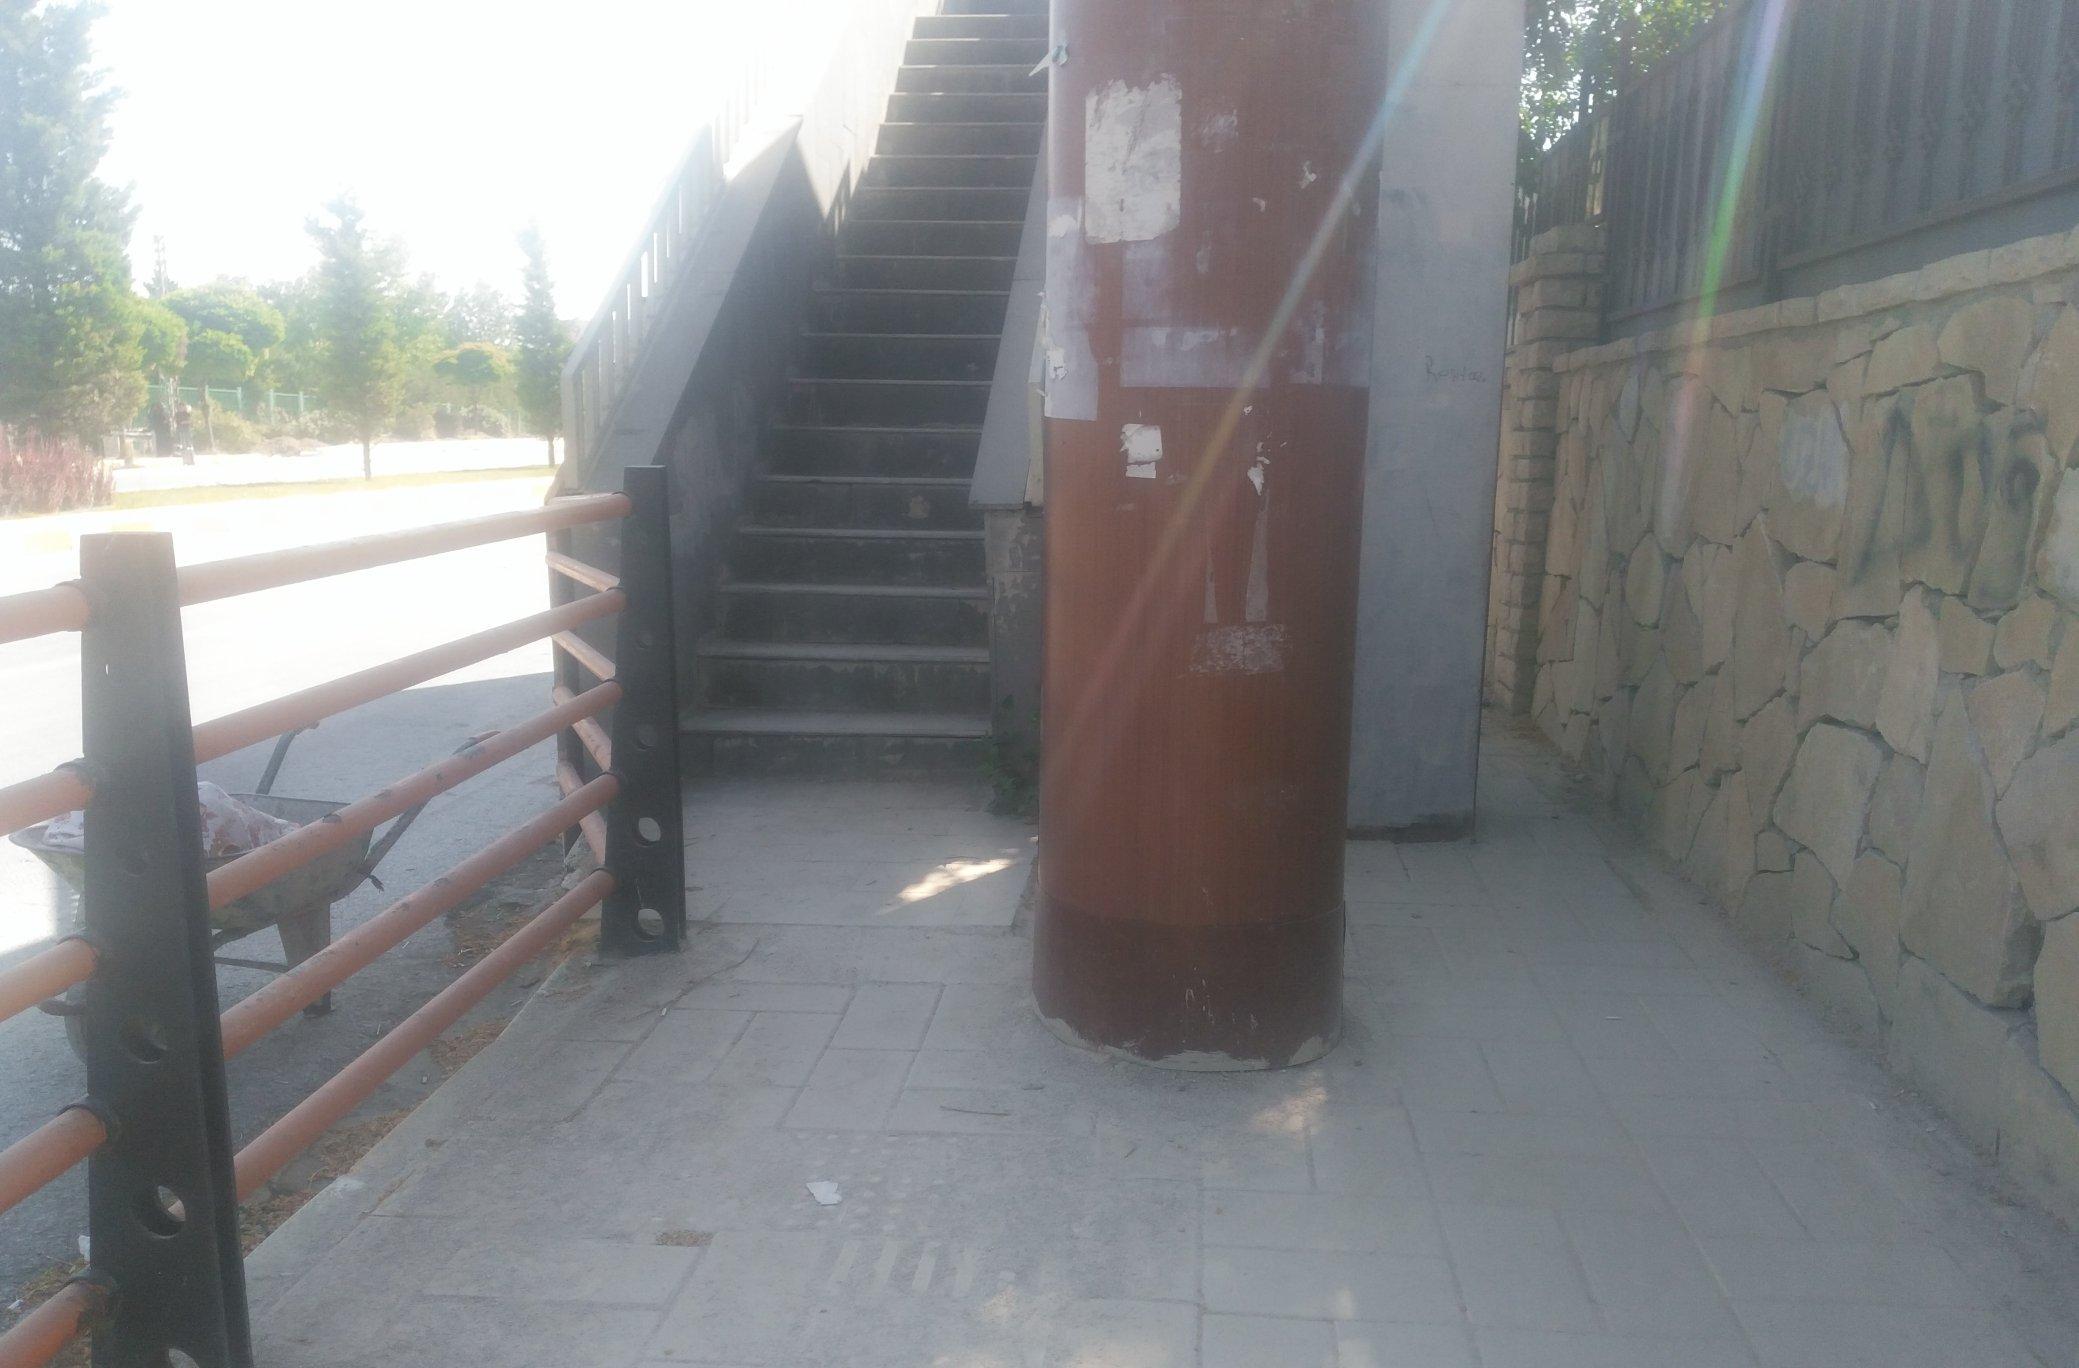 Van havaalanı girişinde üst geçit merdiveni kaldırımı tam boy kapatmış